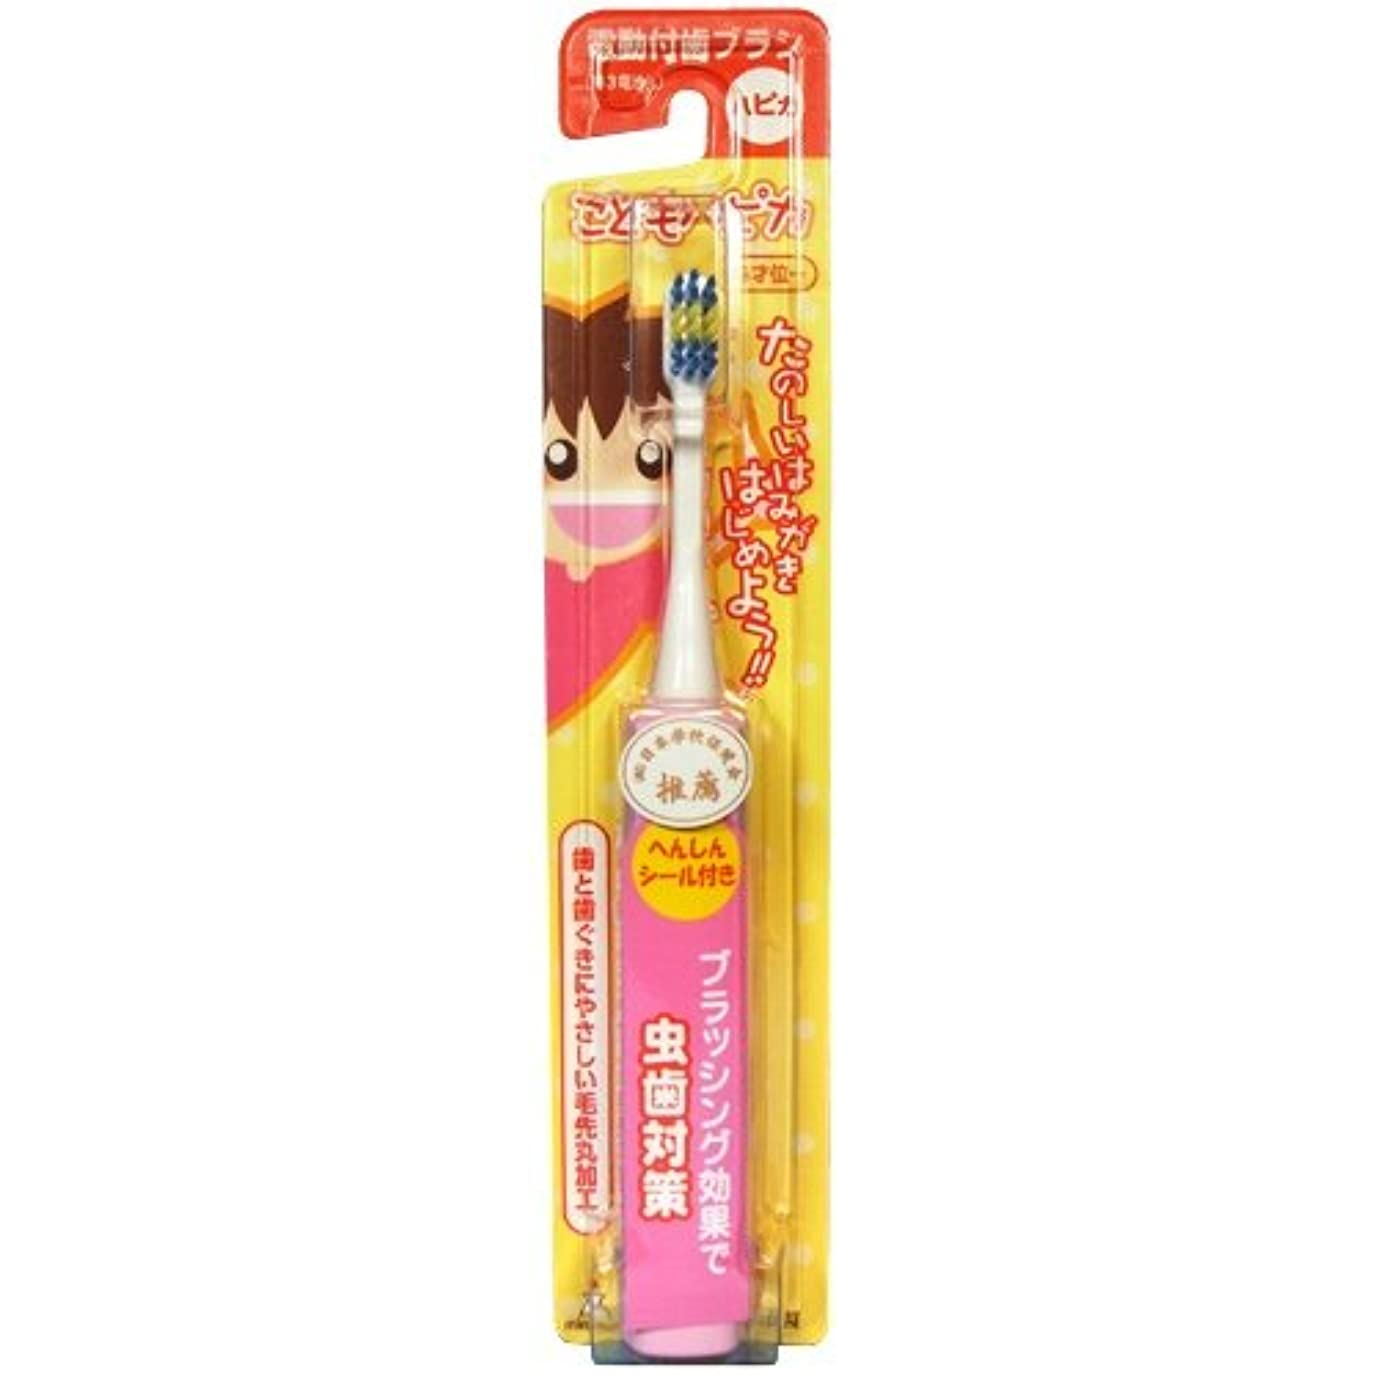 コモランマスポット歯ミニマム 電動付歯ブラシ こどもハピカ ピンク 毛の硬さ:やわらかめ DBK-1P(BP)